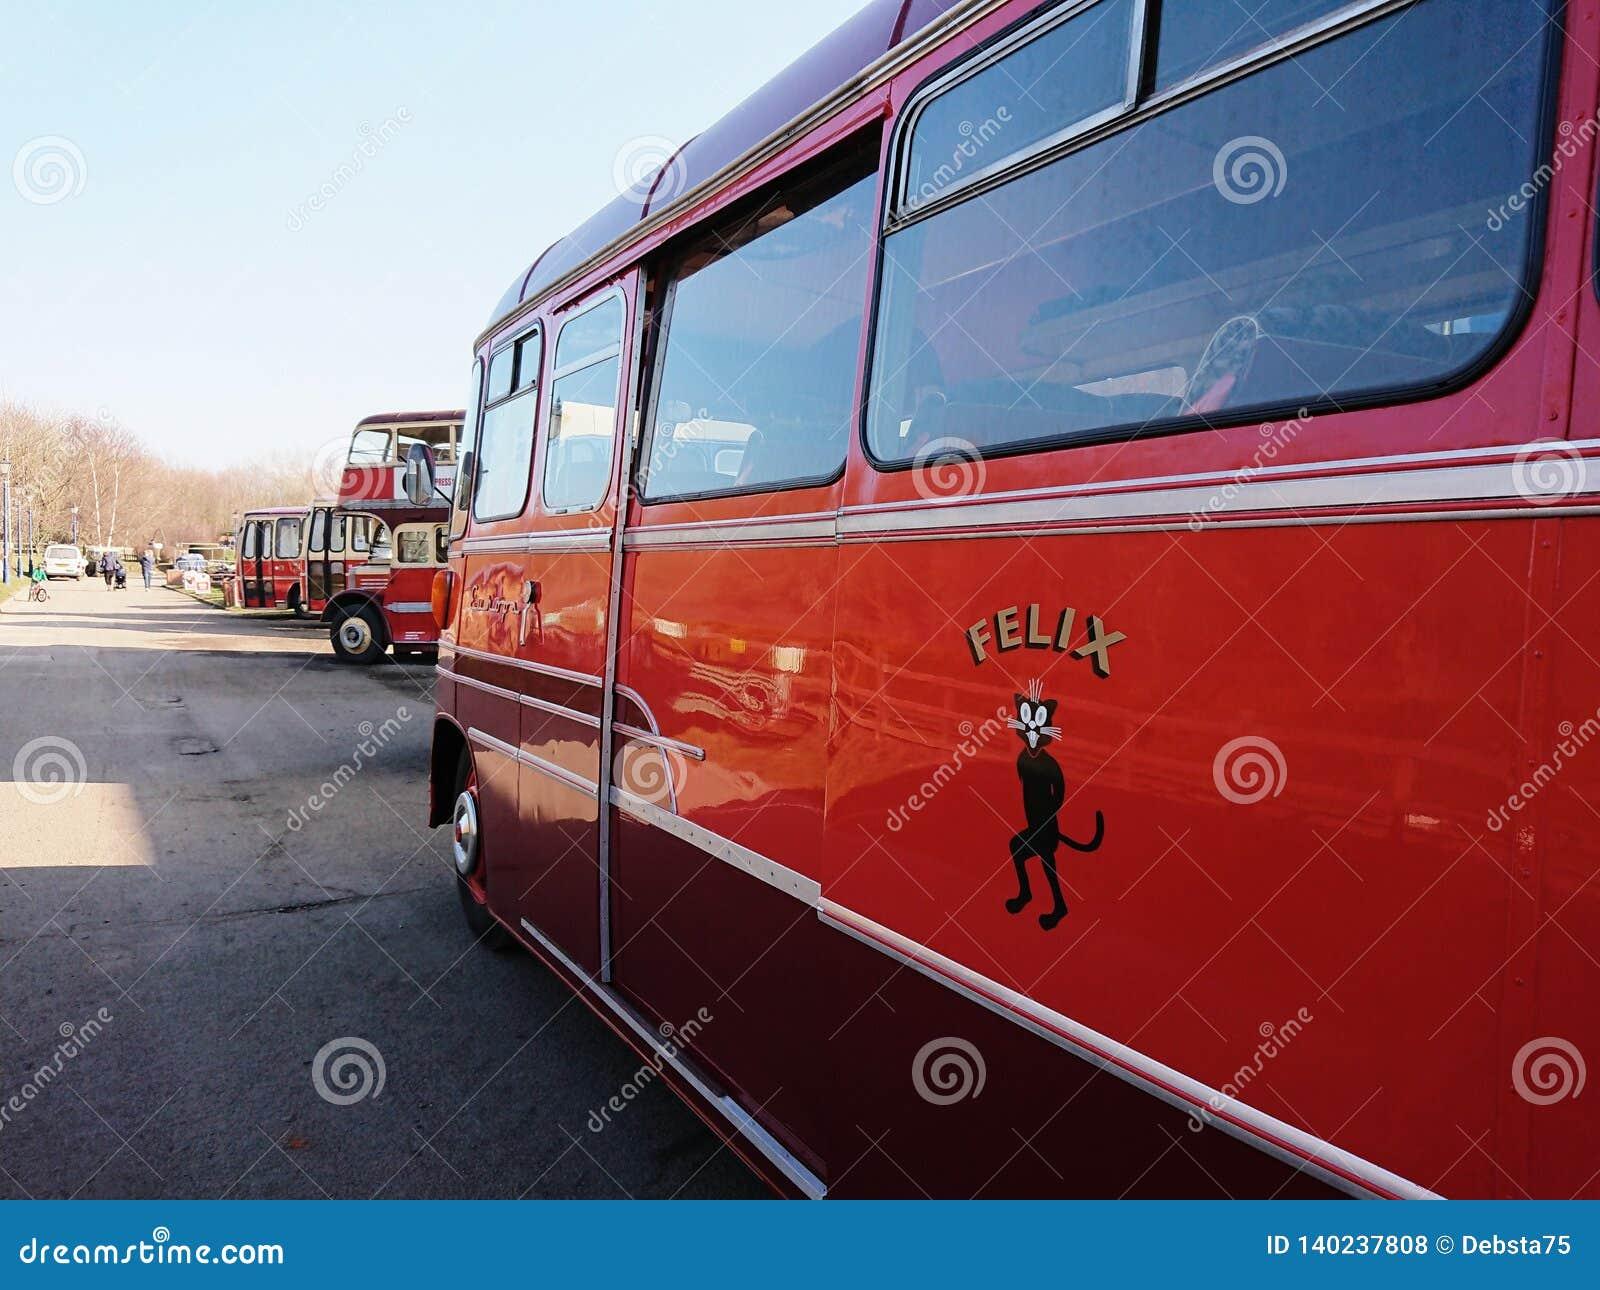 Felix bus